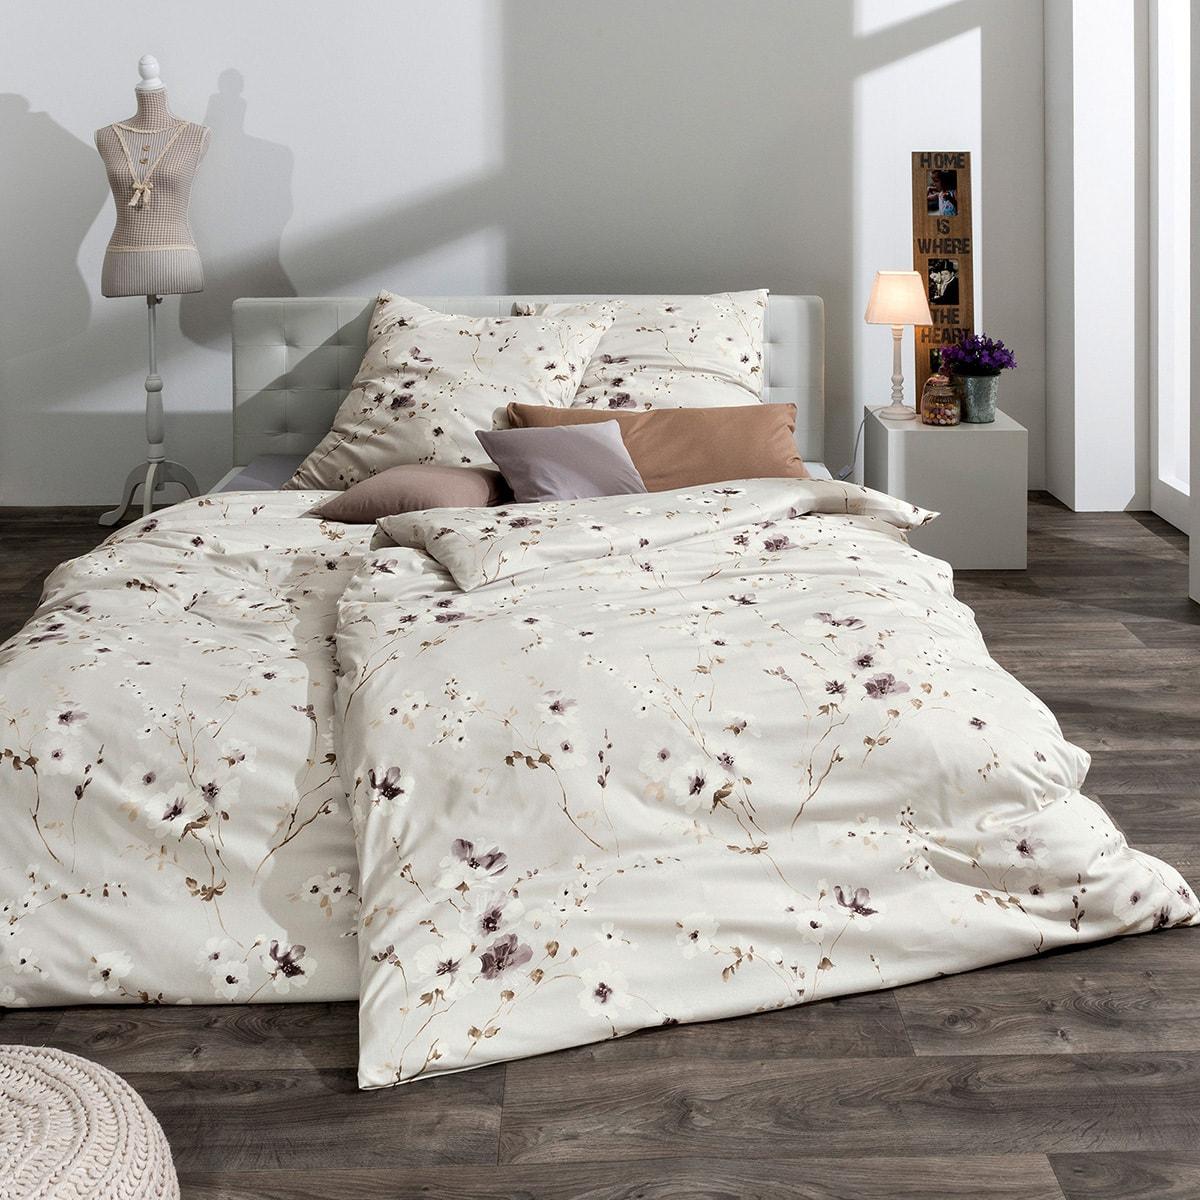 estella feinflanell bettw sche paradiso leinen g nstig online kaufen bei bettwaren shop. Black Bedroom Furniture Sets. Home Design Ideas